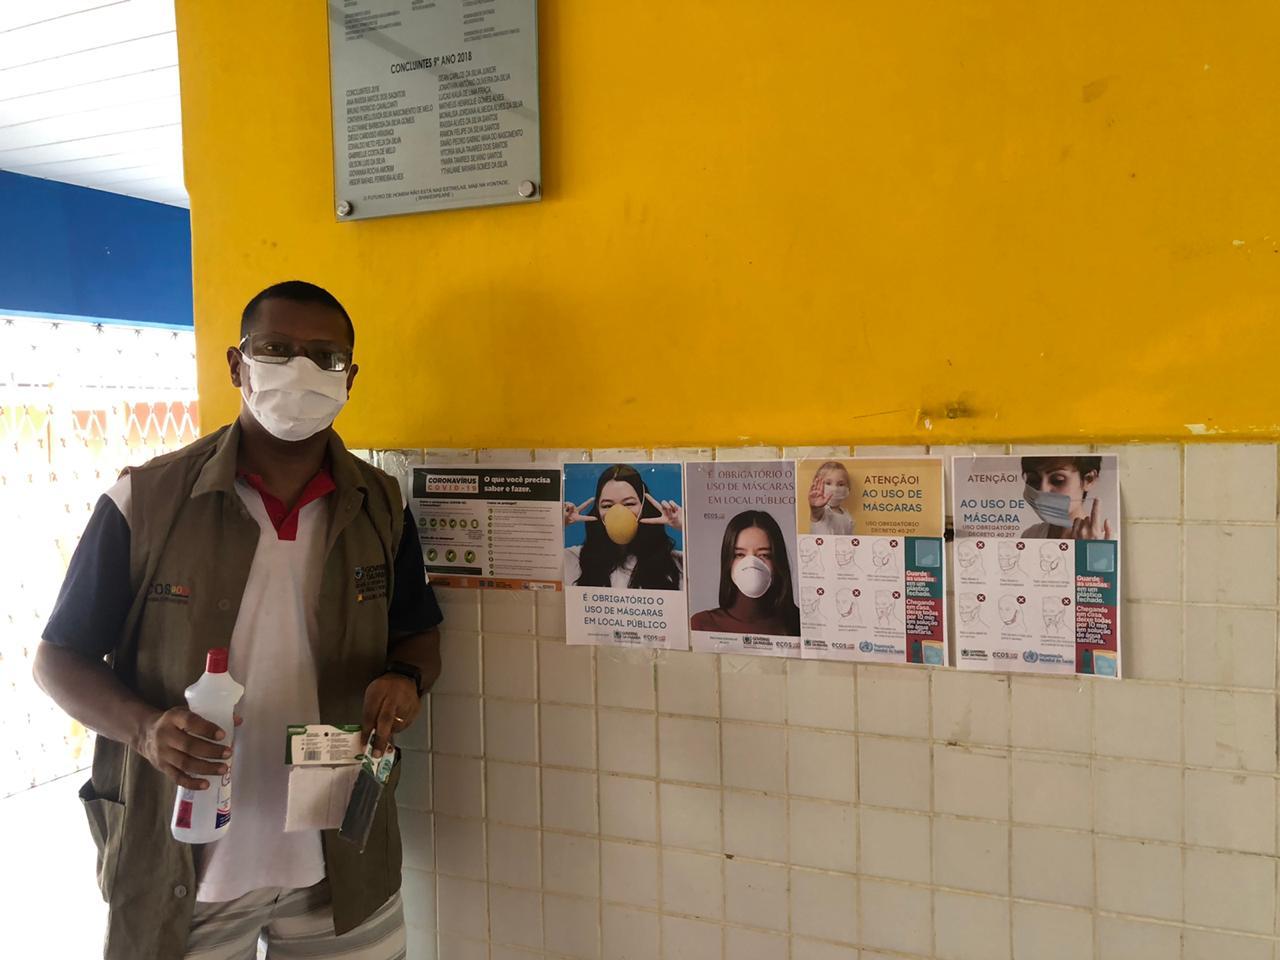 WhatsApp Image 2020 05 26 at 11.25.29 1 - Porteiros de escolas estaduais recebem máscaras de proteção e álcool em gel